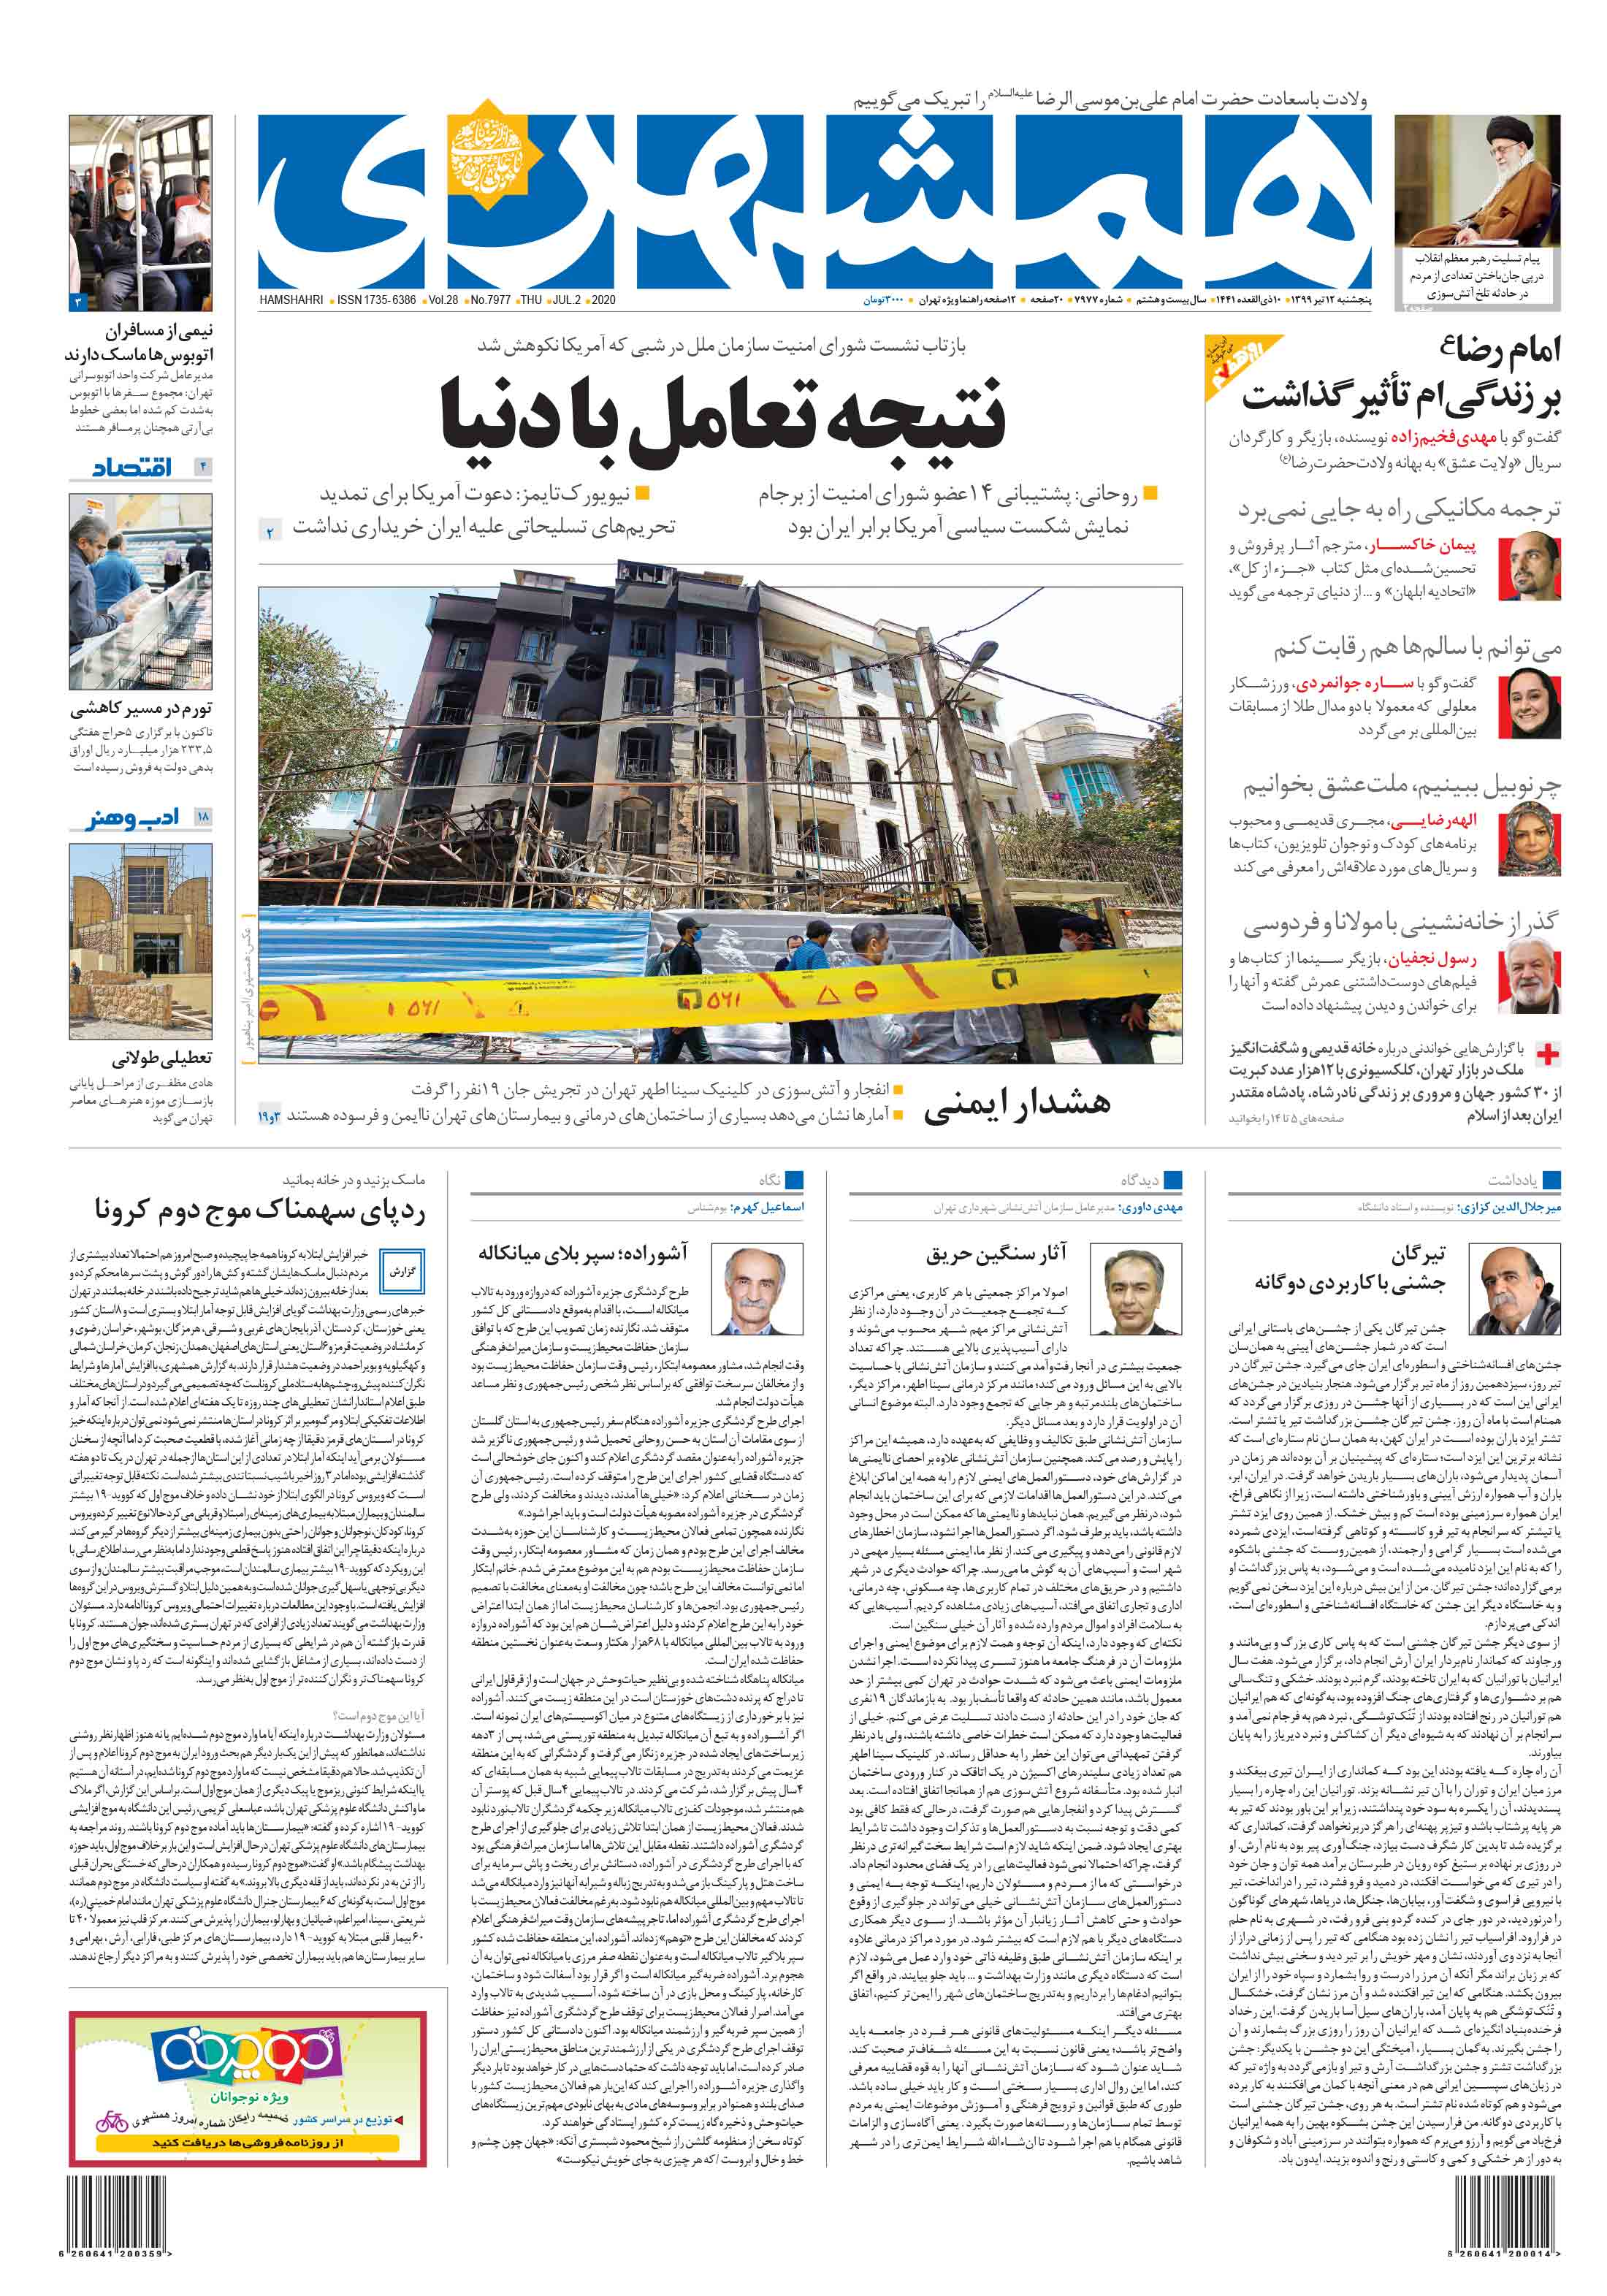 صفحه اول پنجشنبه 12 تیر 1399